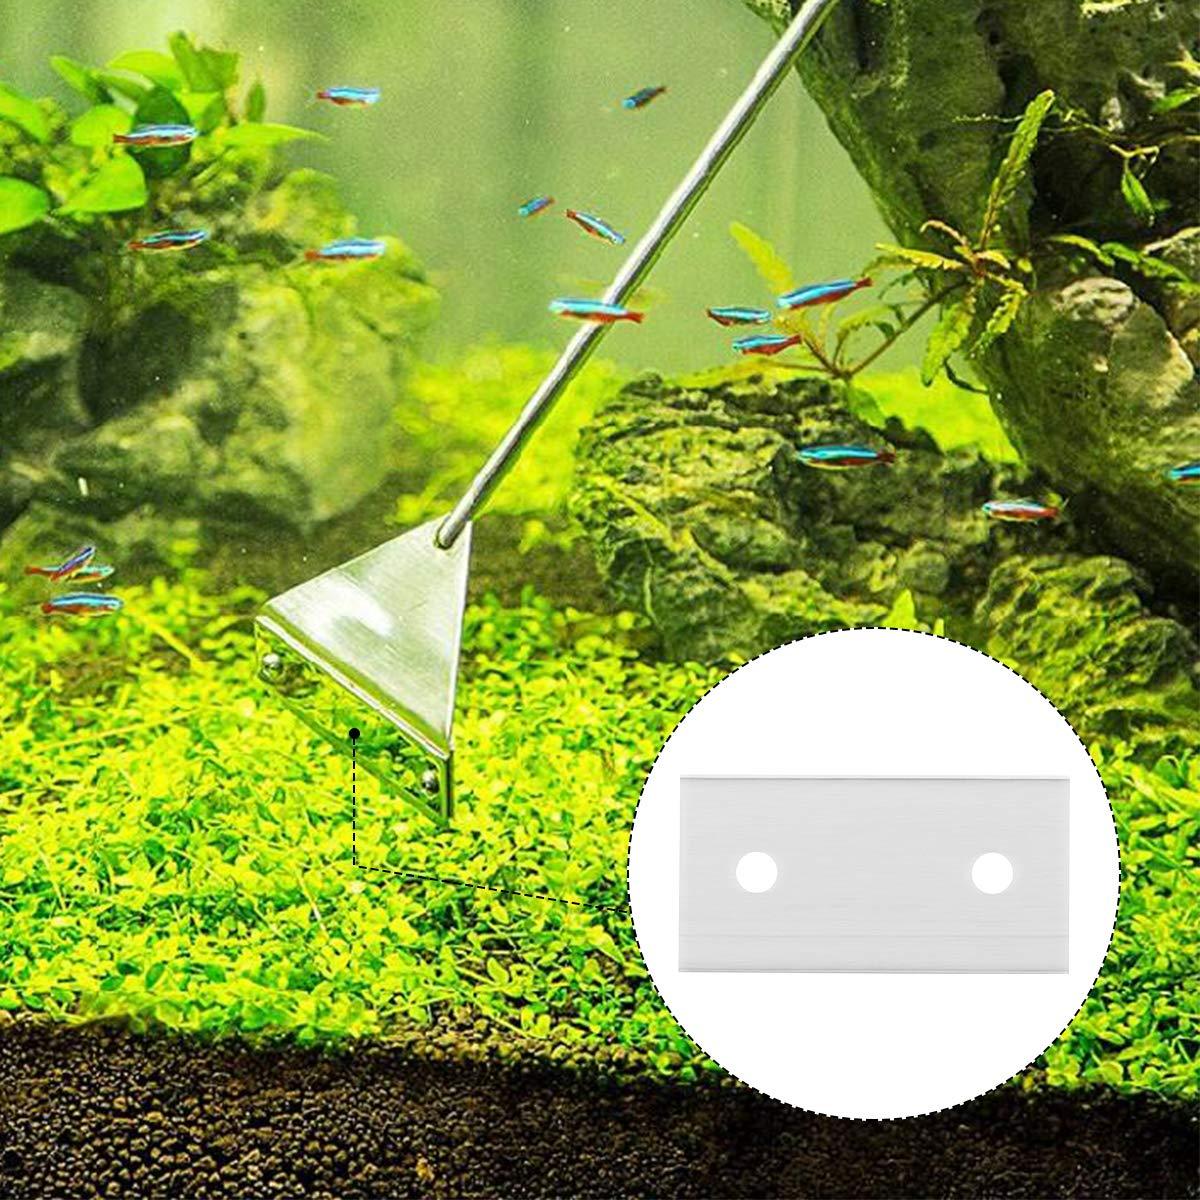 UEETEK dise/ño de acero inoxidable que garantiza resistencia a la corrosi/ón aptas para algas 10 cuchillas de afeitar para acuario